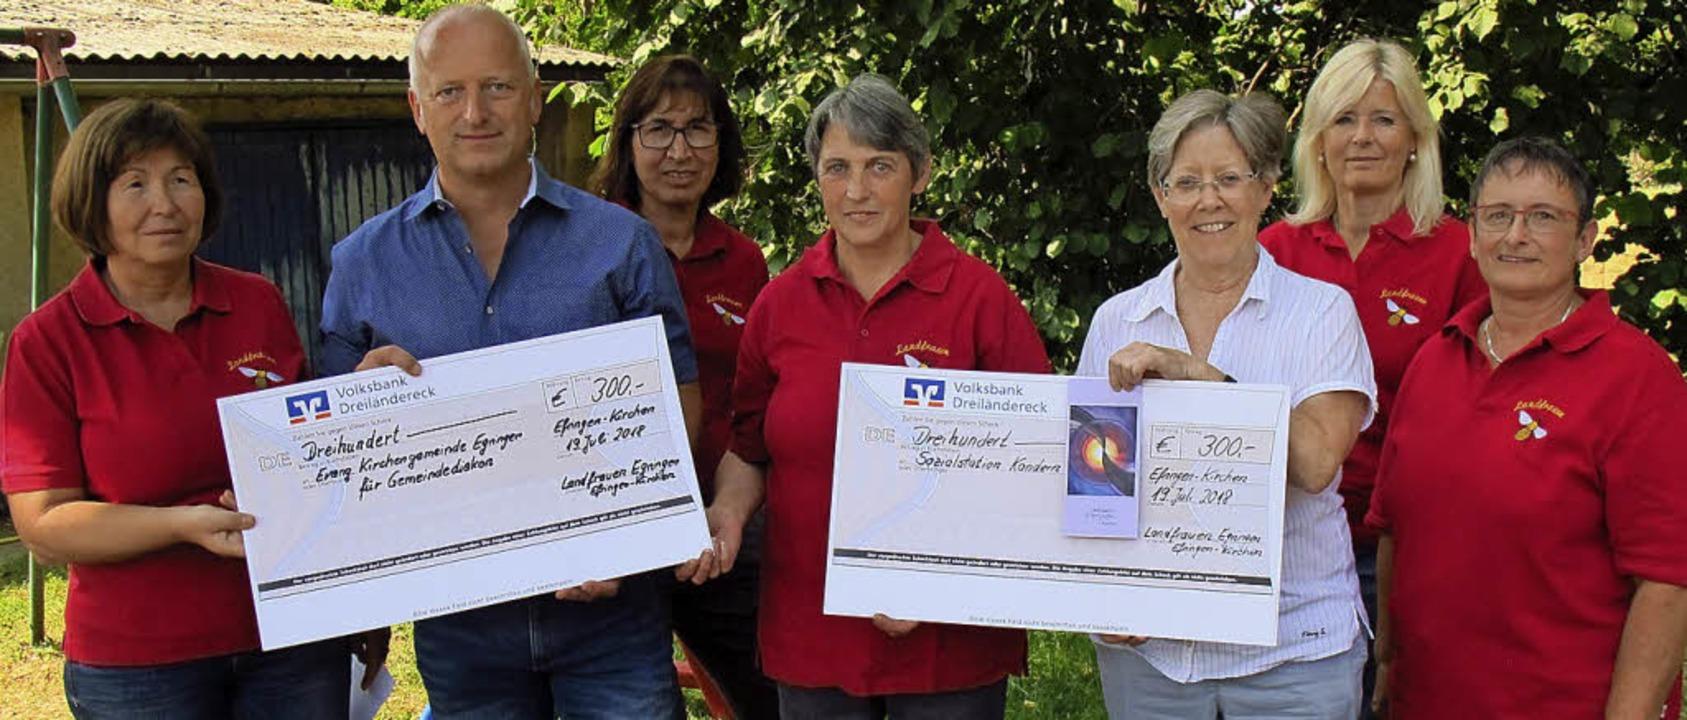 Den beachtlichen Betrag von 600 Euro h...dern, Claudia Prange und Bärbel Müller  | Foto: Jutta Schütz